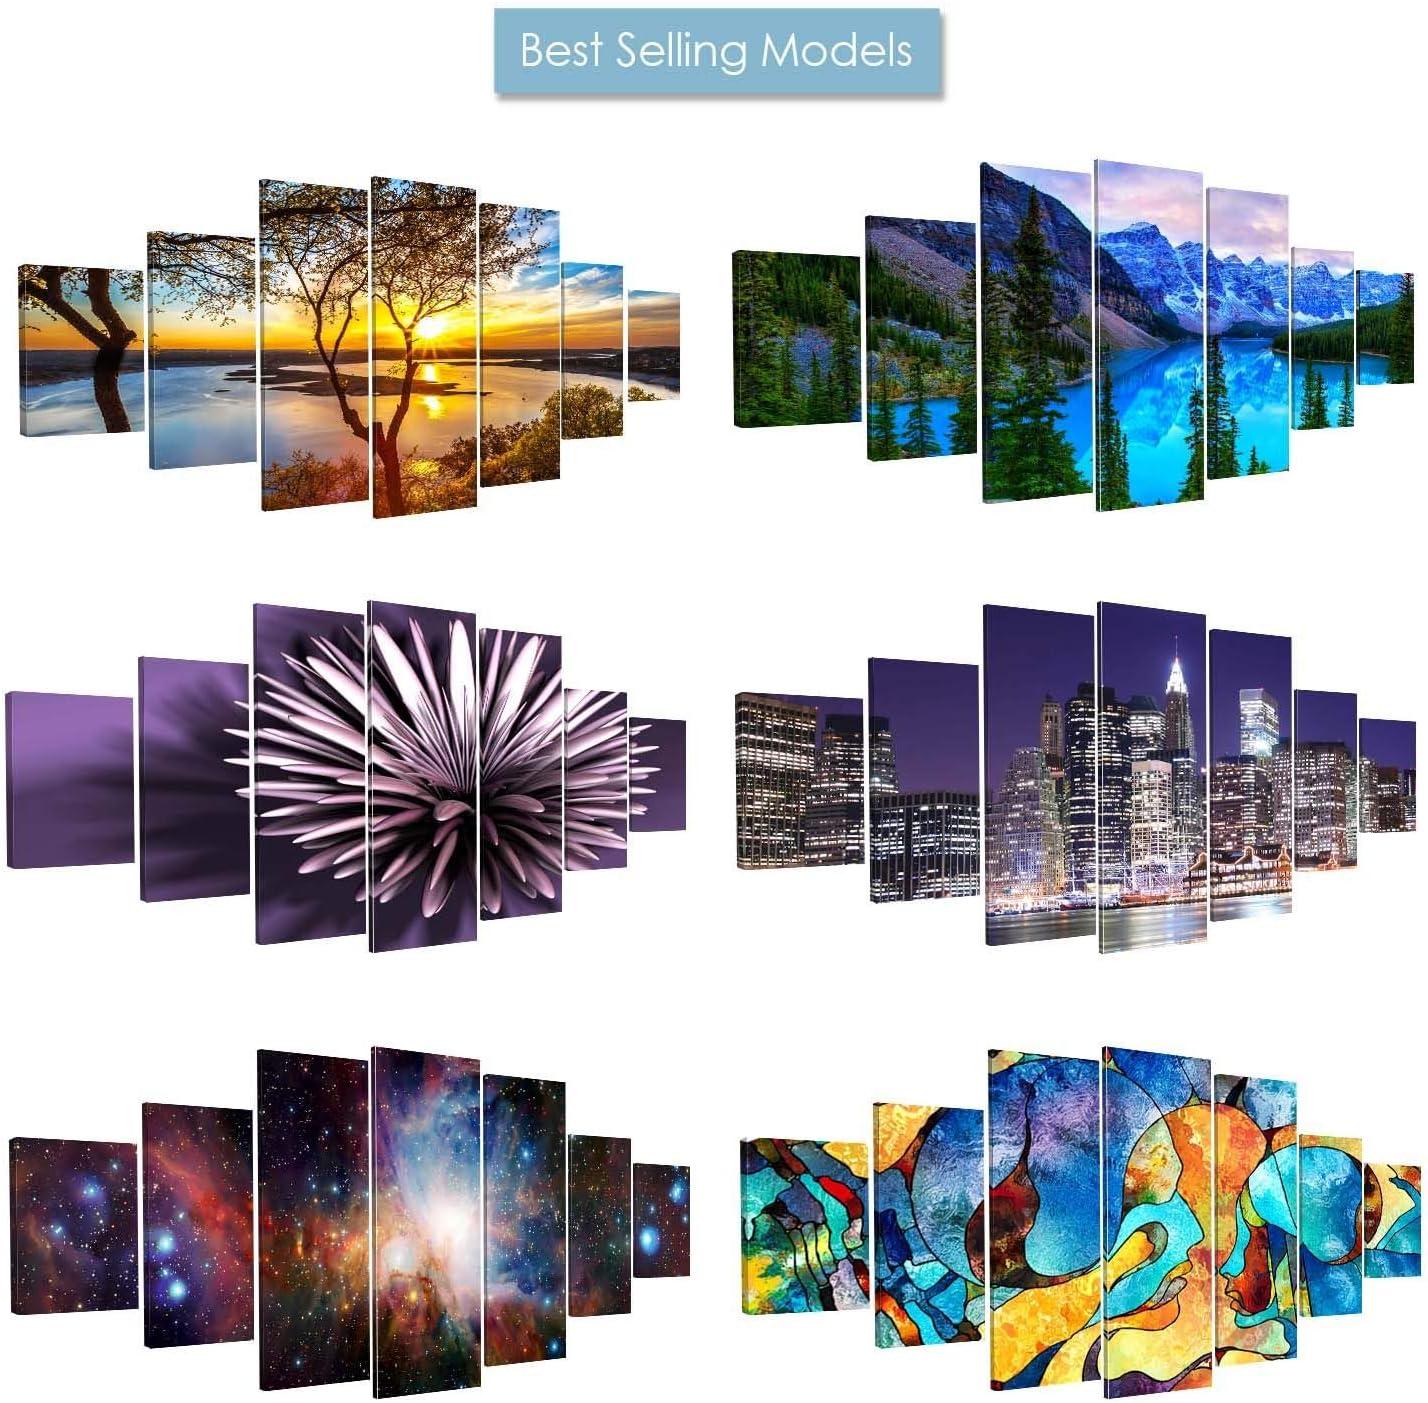 Startonight Grand Format Art Encadr/é Multicolore /Œil Impression De Photos sur Toile XXL Imprim/ée Tableau Motif Moderne D/éco dart 7 Pieces Tendu sur Chassis 100 x 240 cm